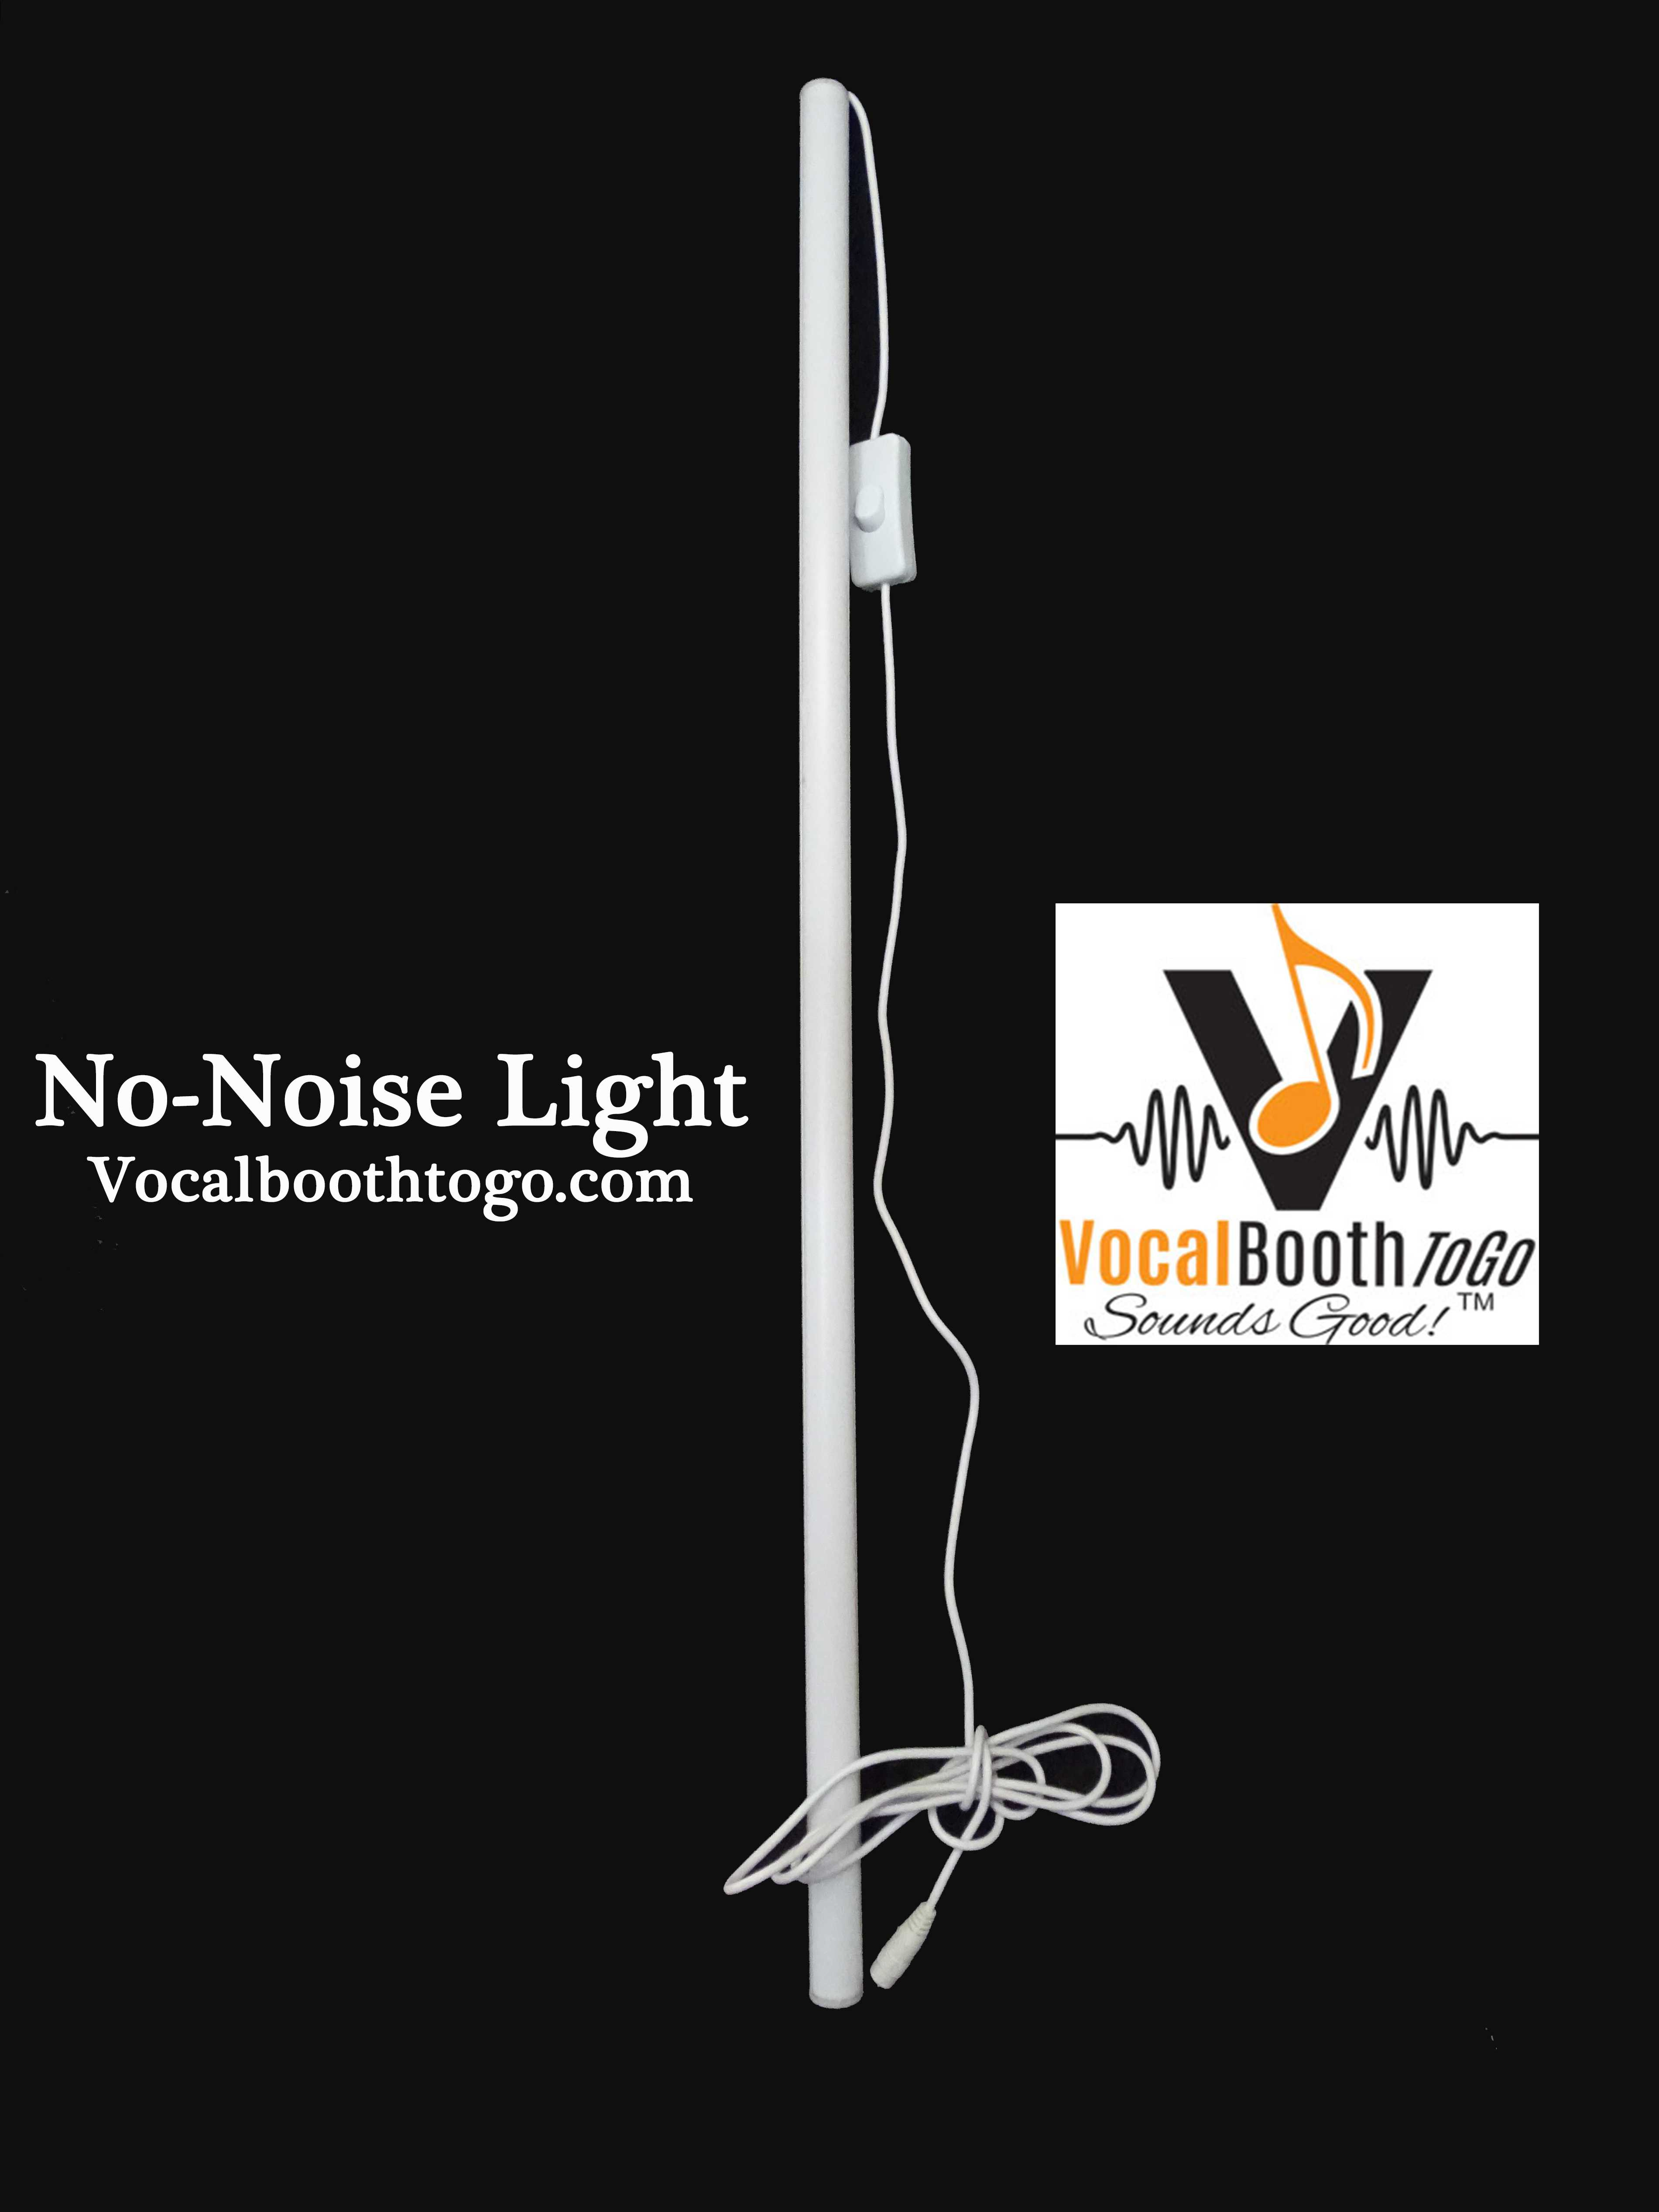 No-Noise LED Light voice recording studio